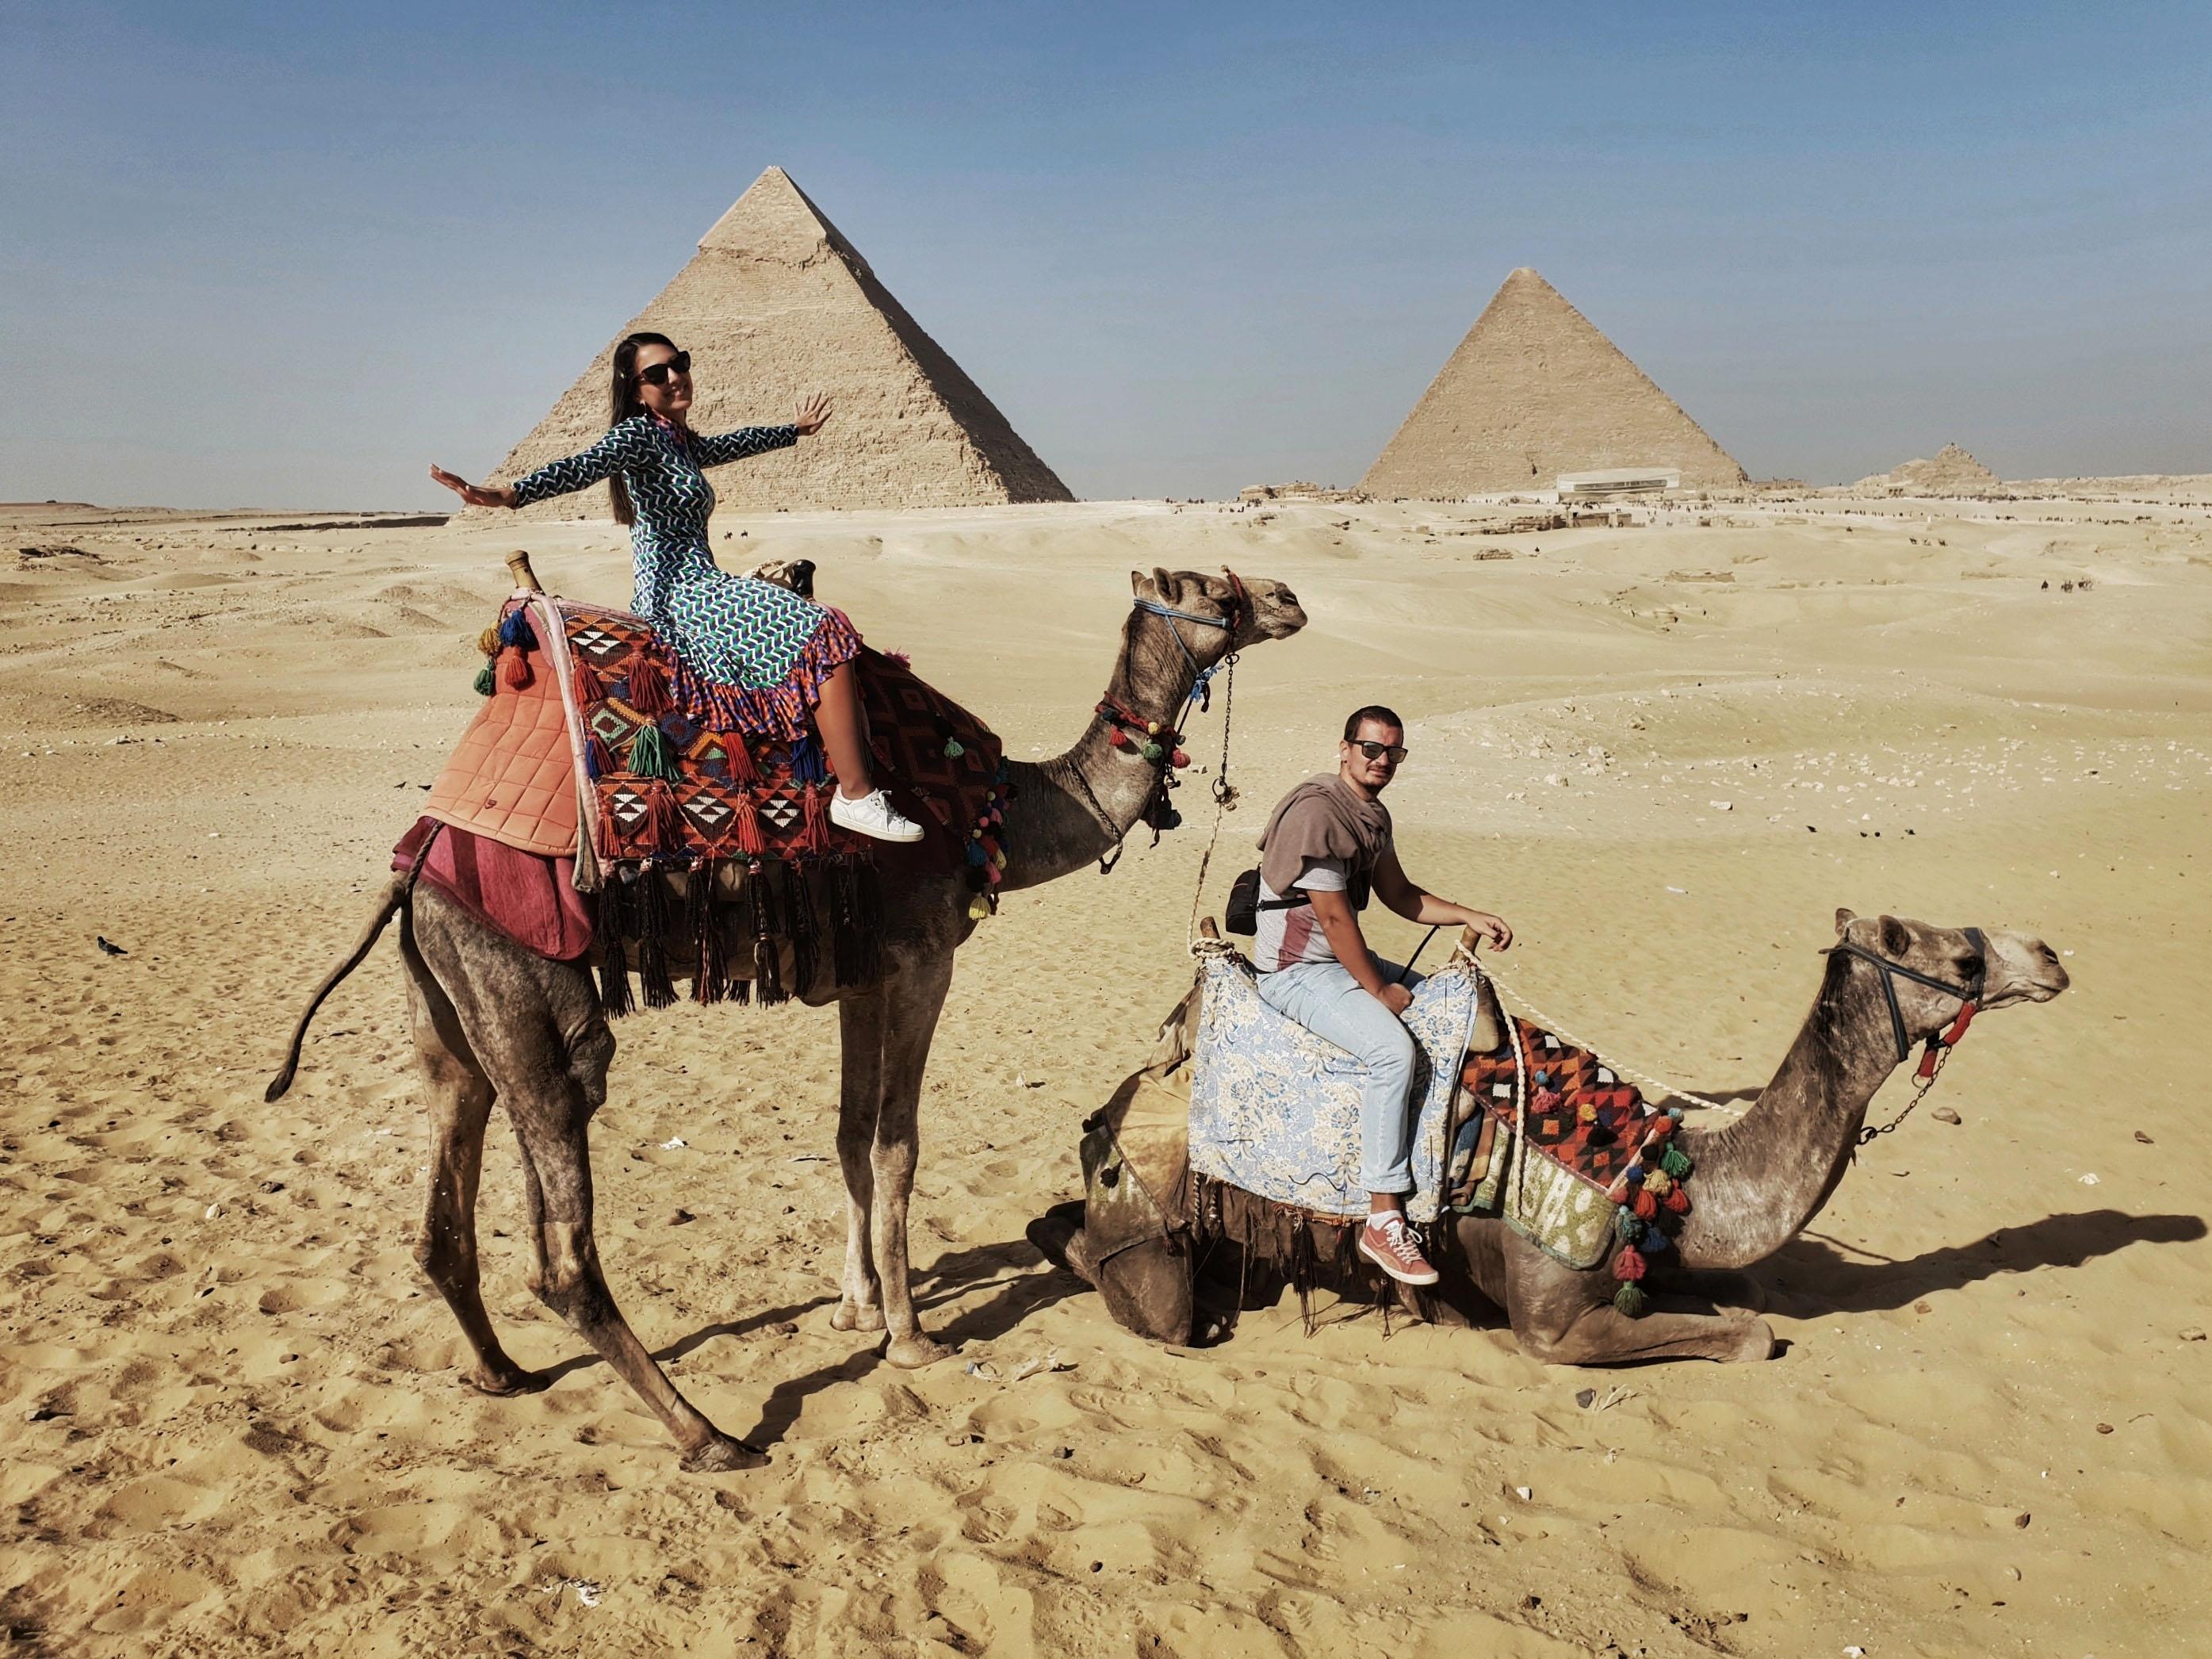 stranica za upoznavanje u Egiptu mojo stranica za upoznavanje